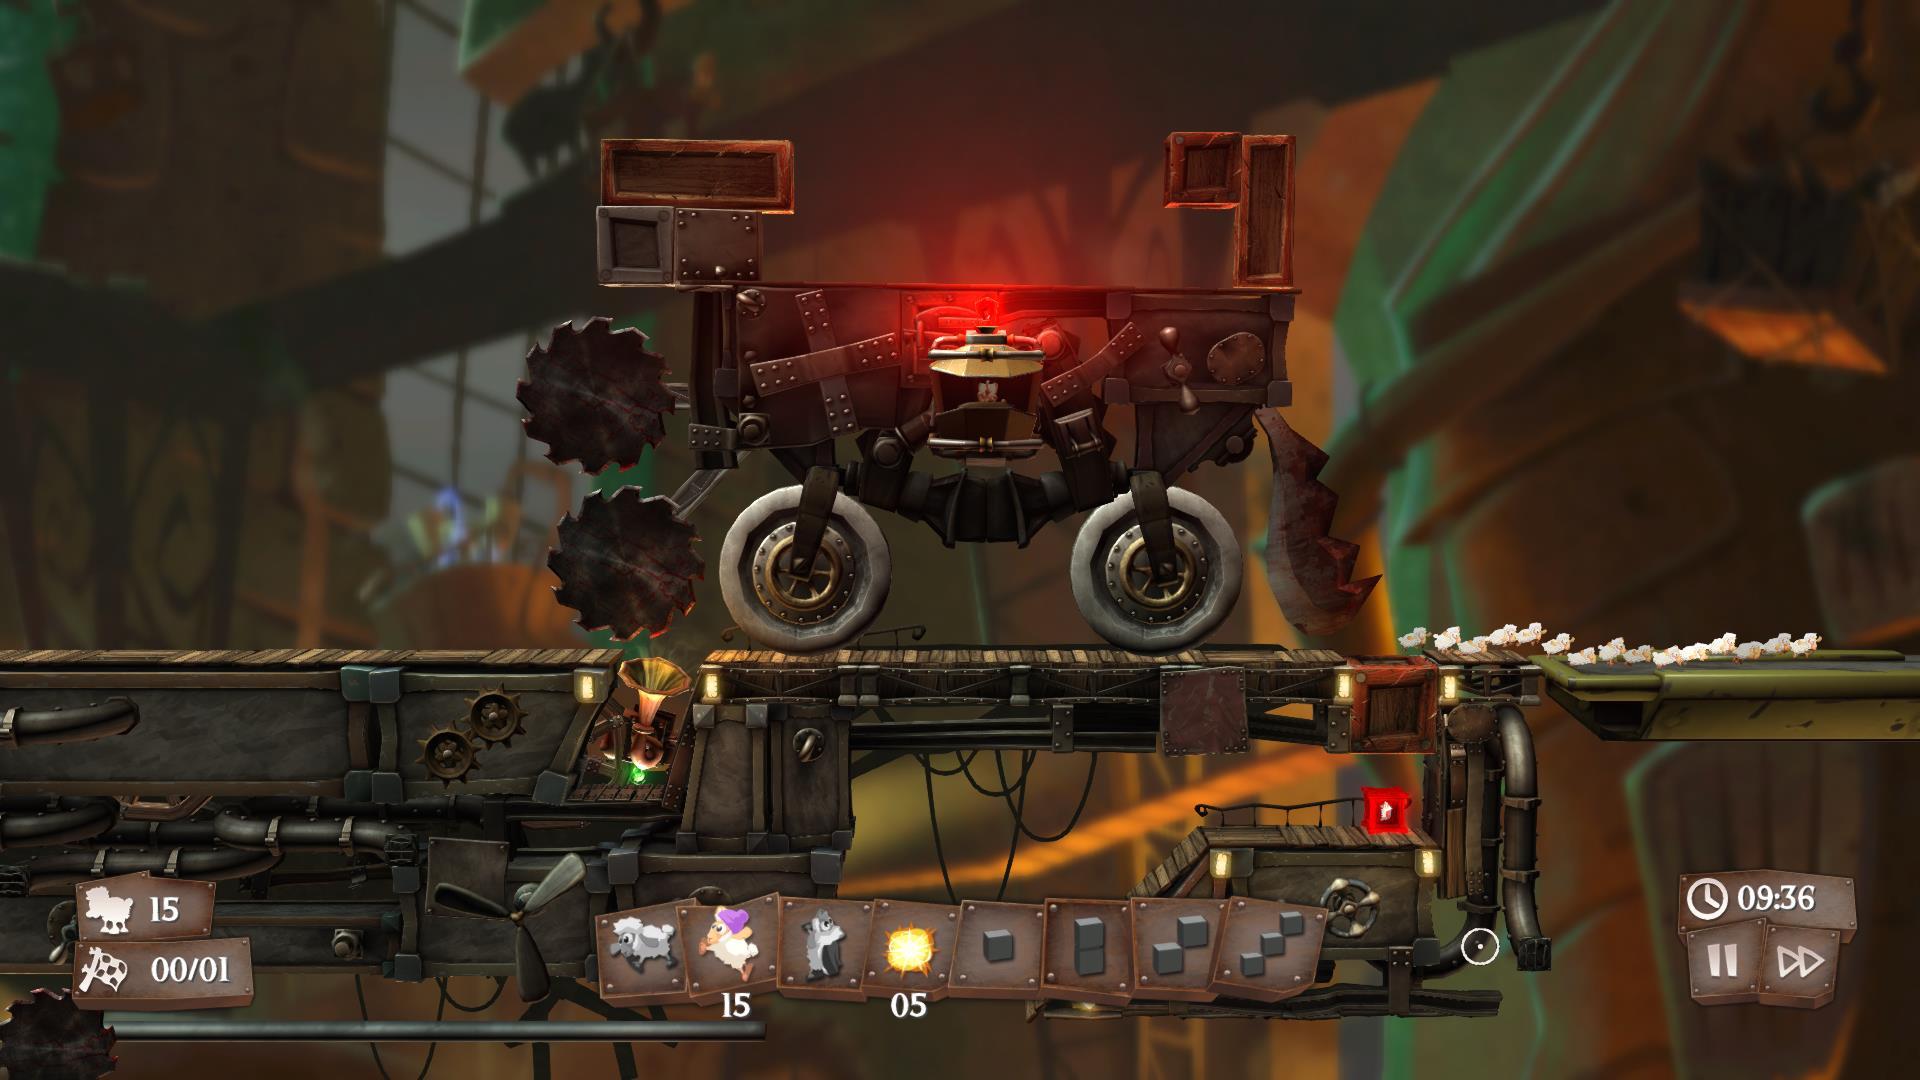 دانلود Flockers :: بازی پازلی برای PC :: بازی بازی کامپیوتر فکری معمایی